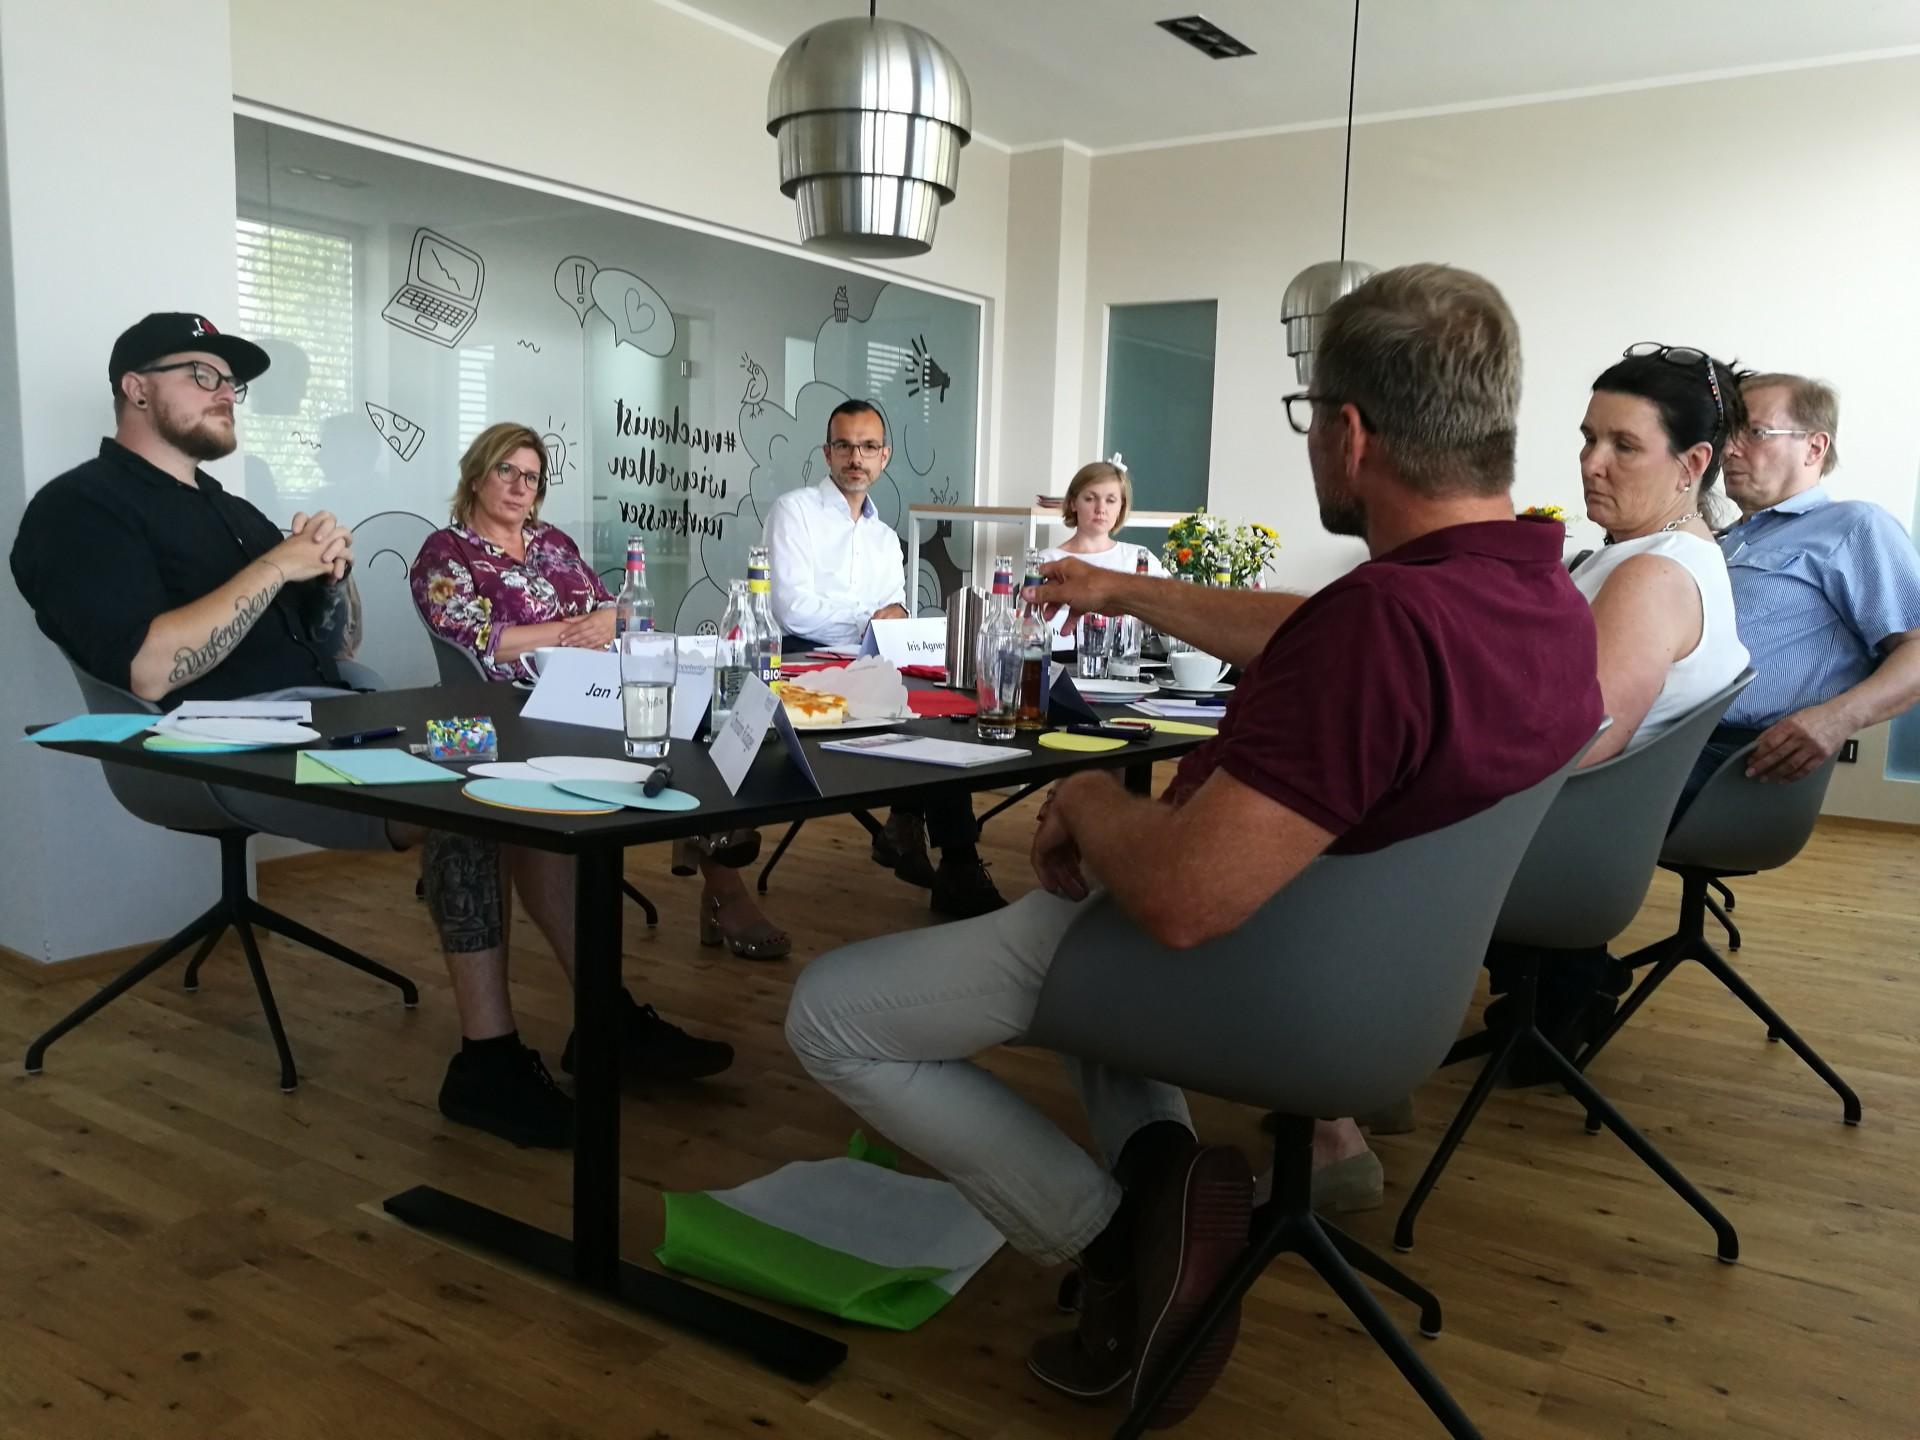 Engagierte diskutiert wurde beim 3. Austauschtreffen bei der Telroth GmbH am 26.6.19